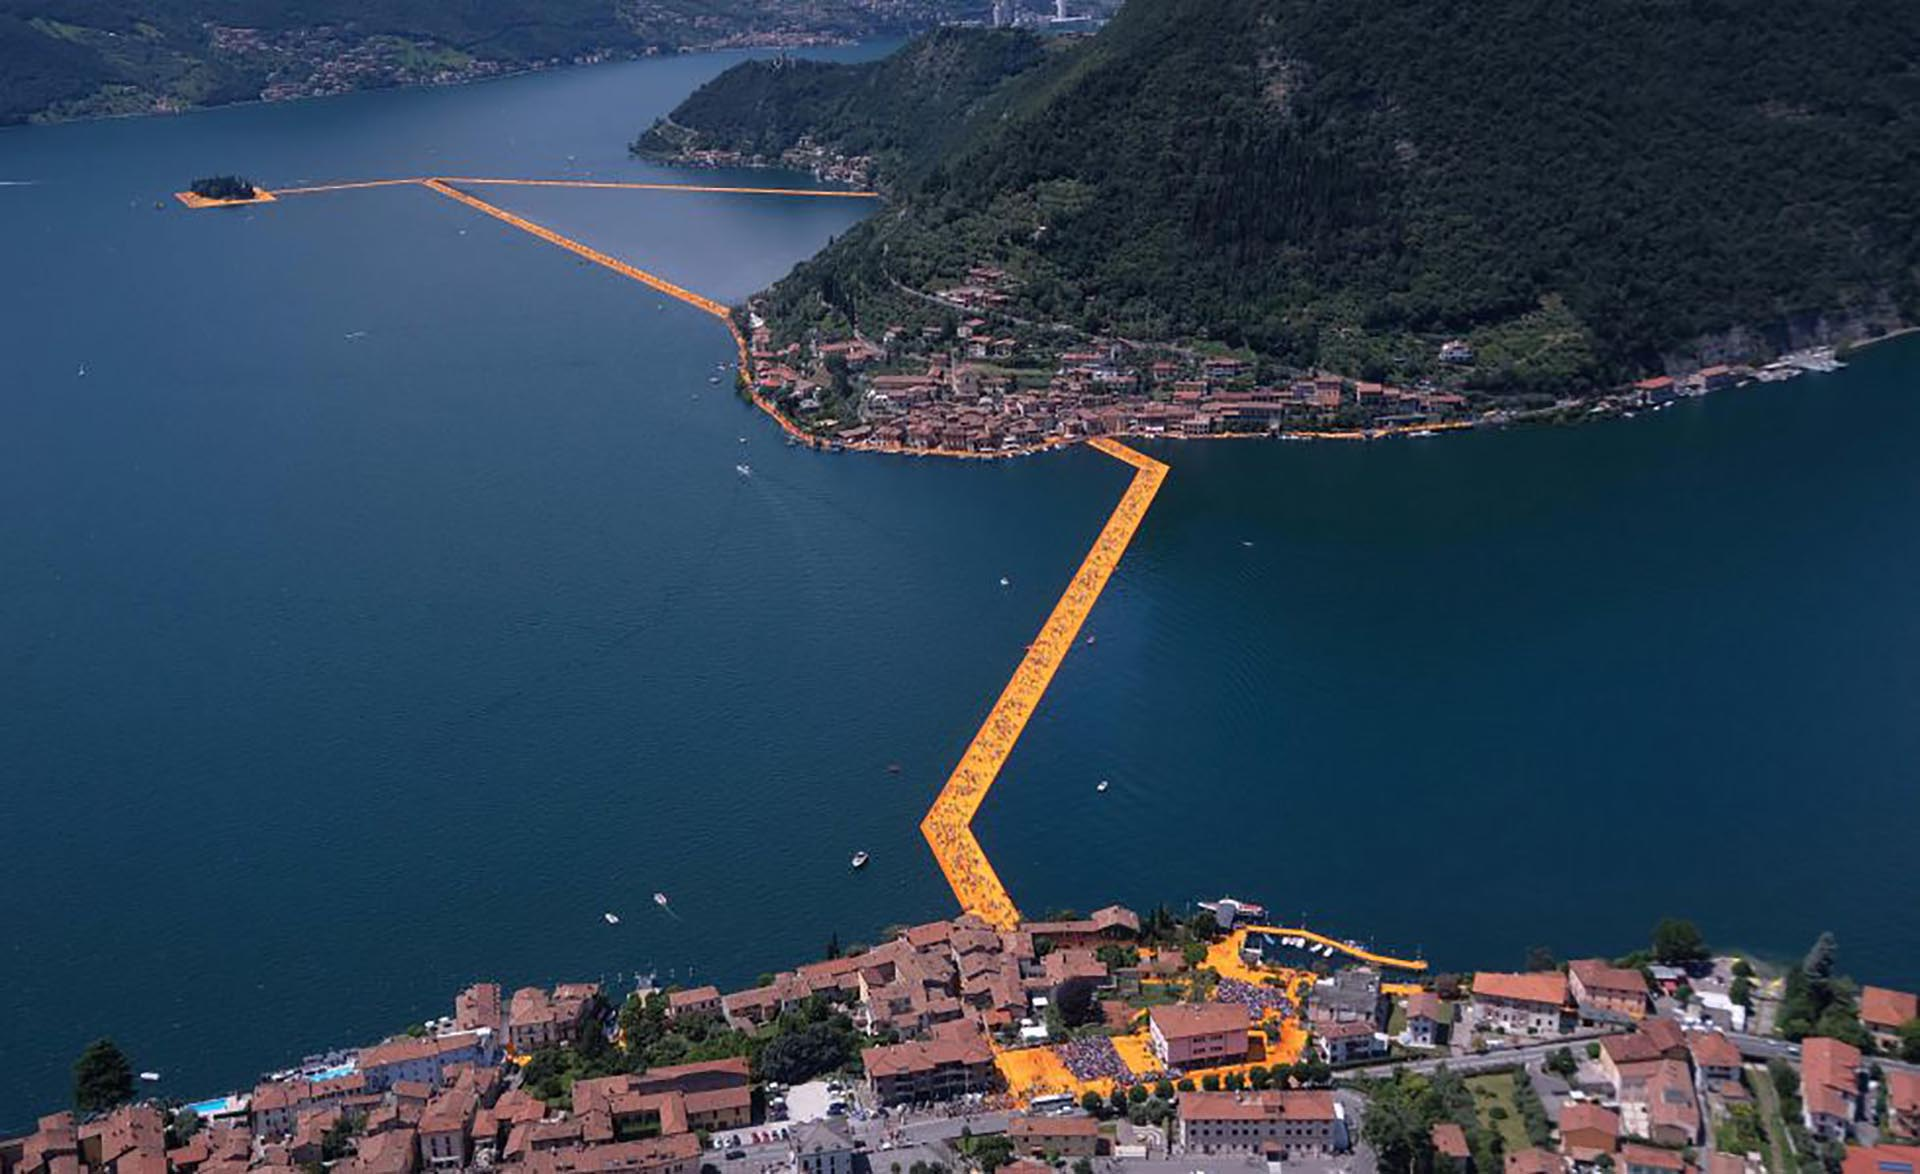 Los tres kilómetros de pasarelas unen la localidad de Sulzano (a unos cien kilómetros de Milán) con el sur de la isla de Monte Isola y el islote de San Paola